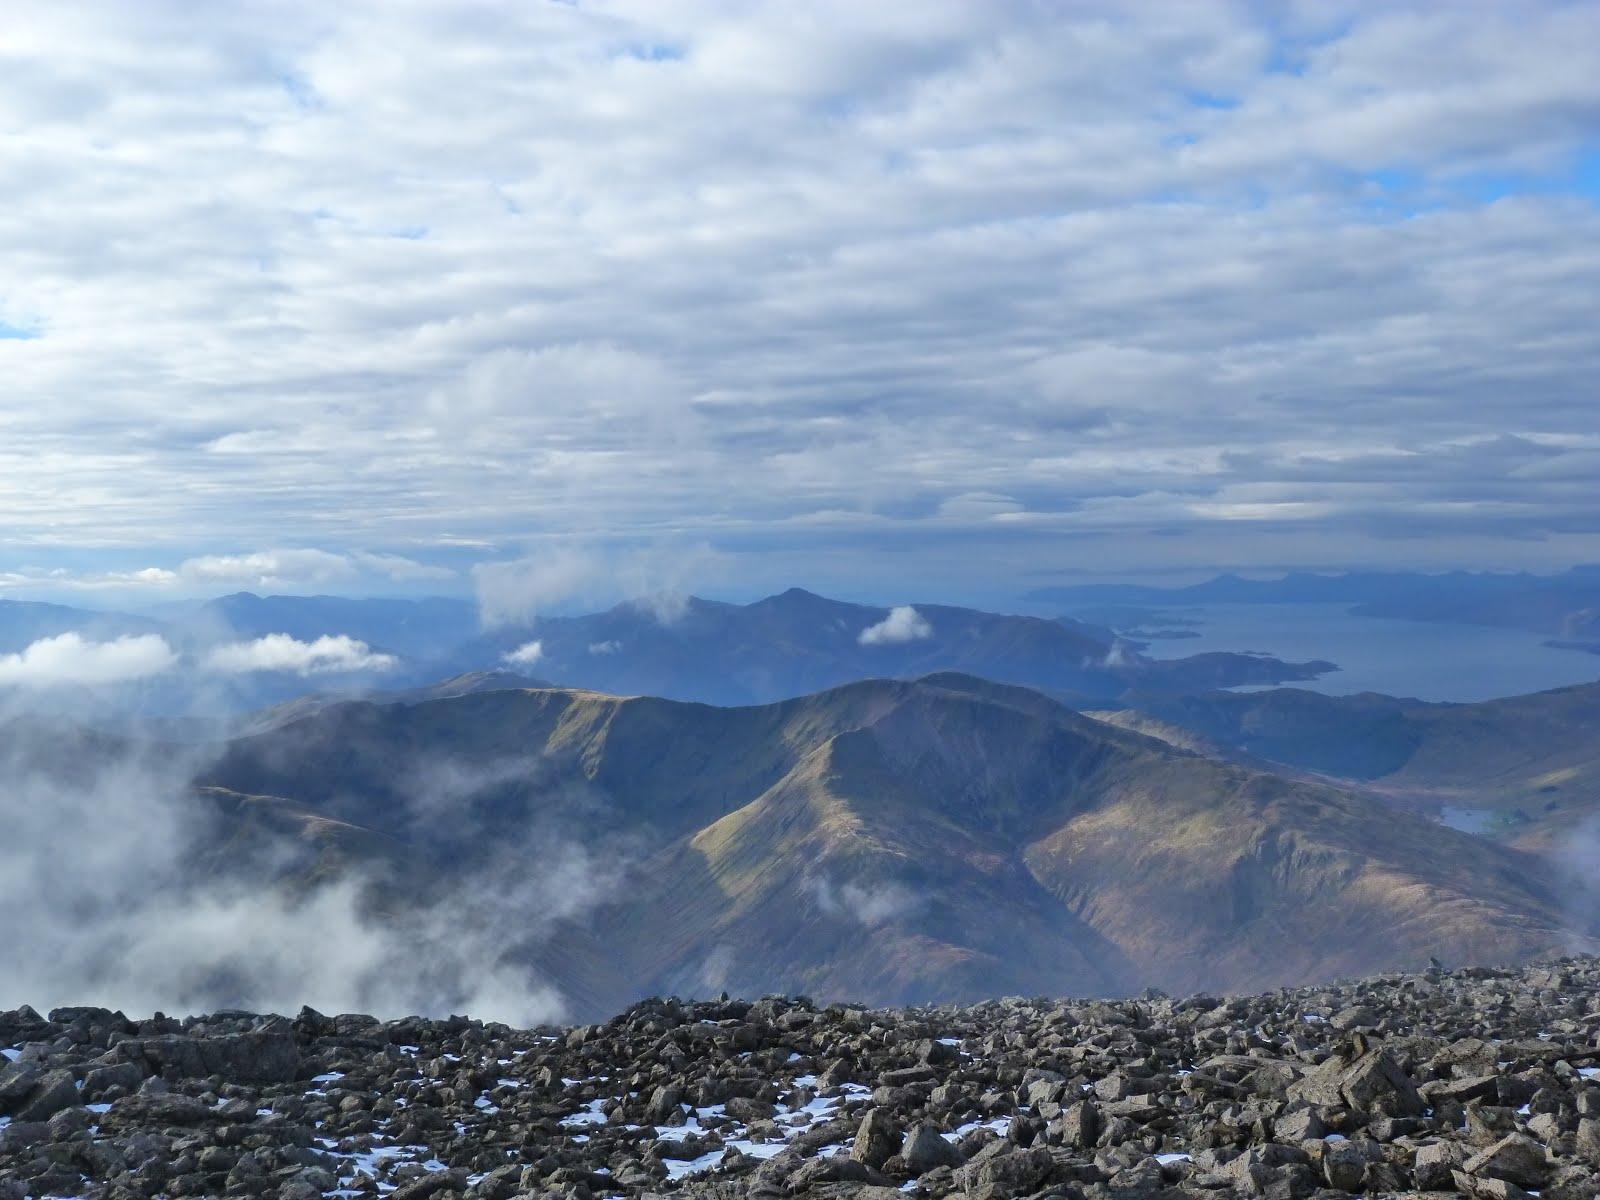 Vue depuis le sommet du Ben nevis en Ecosse (1344m)